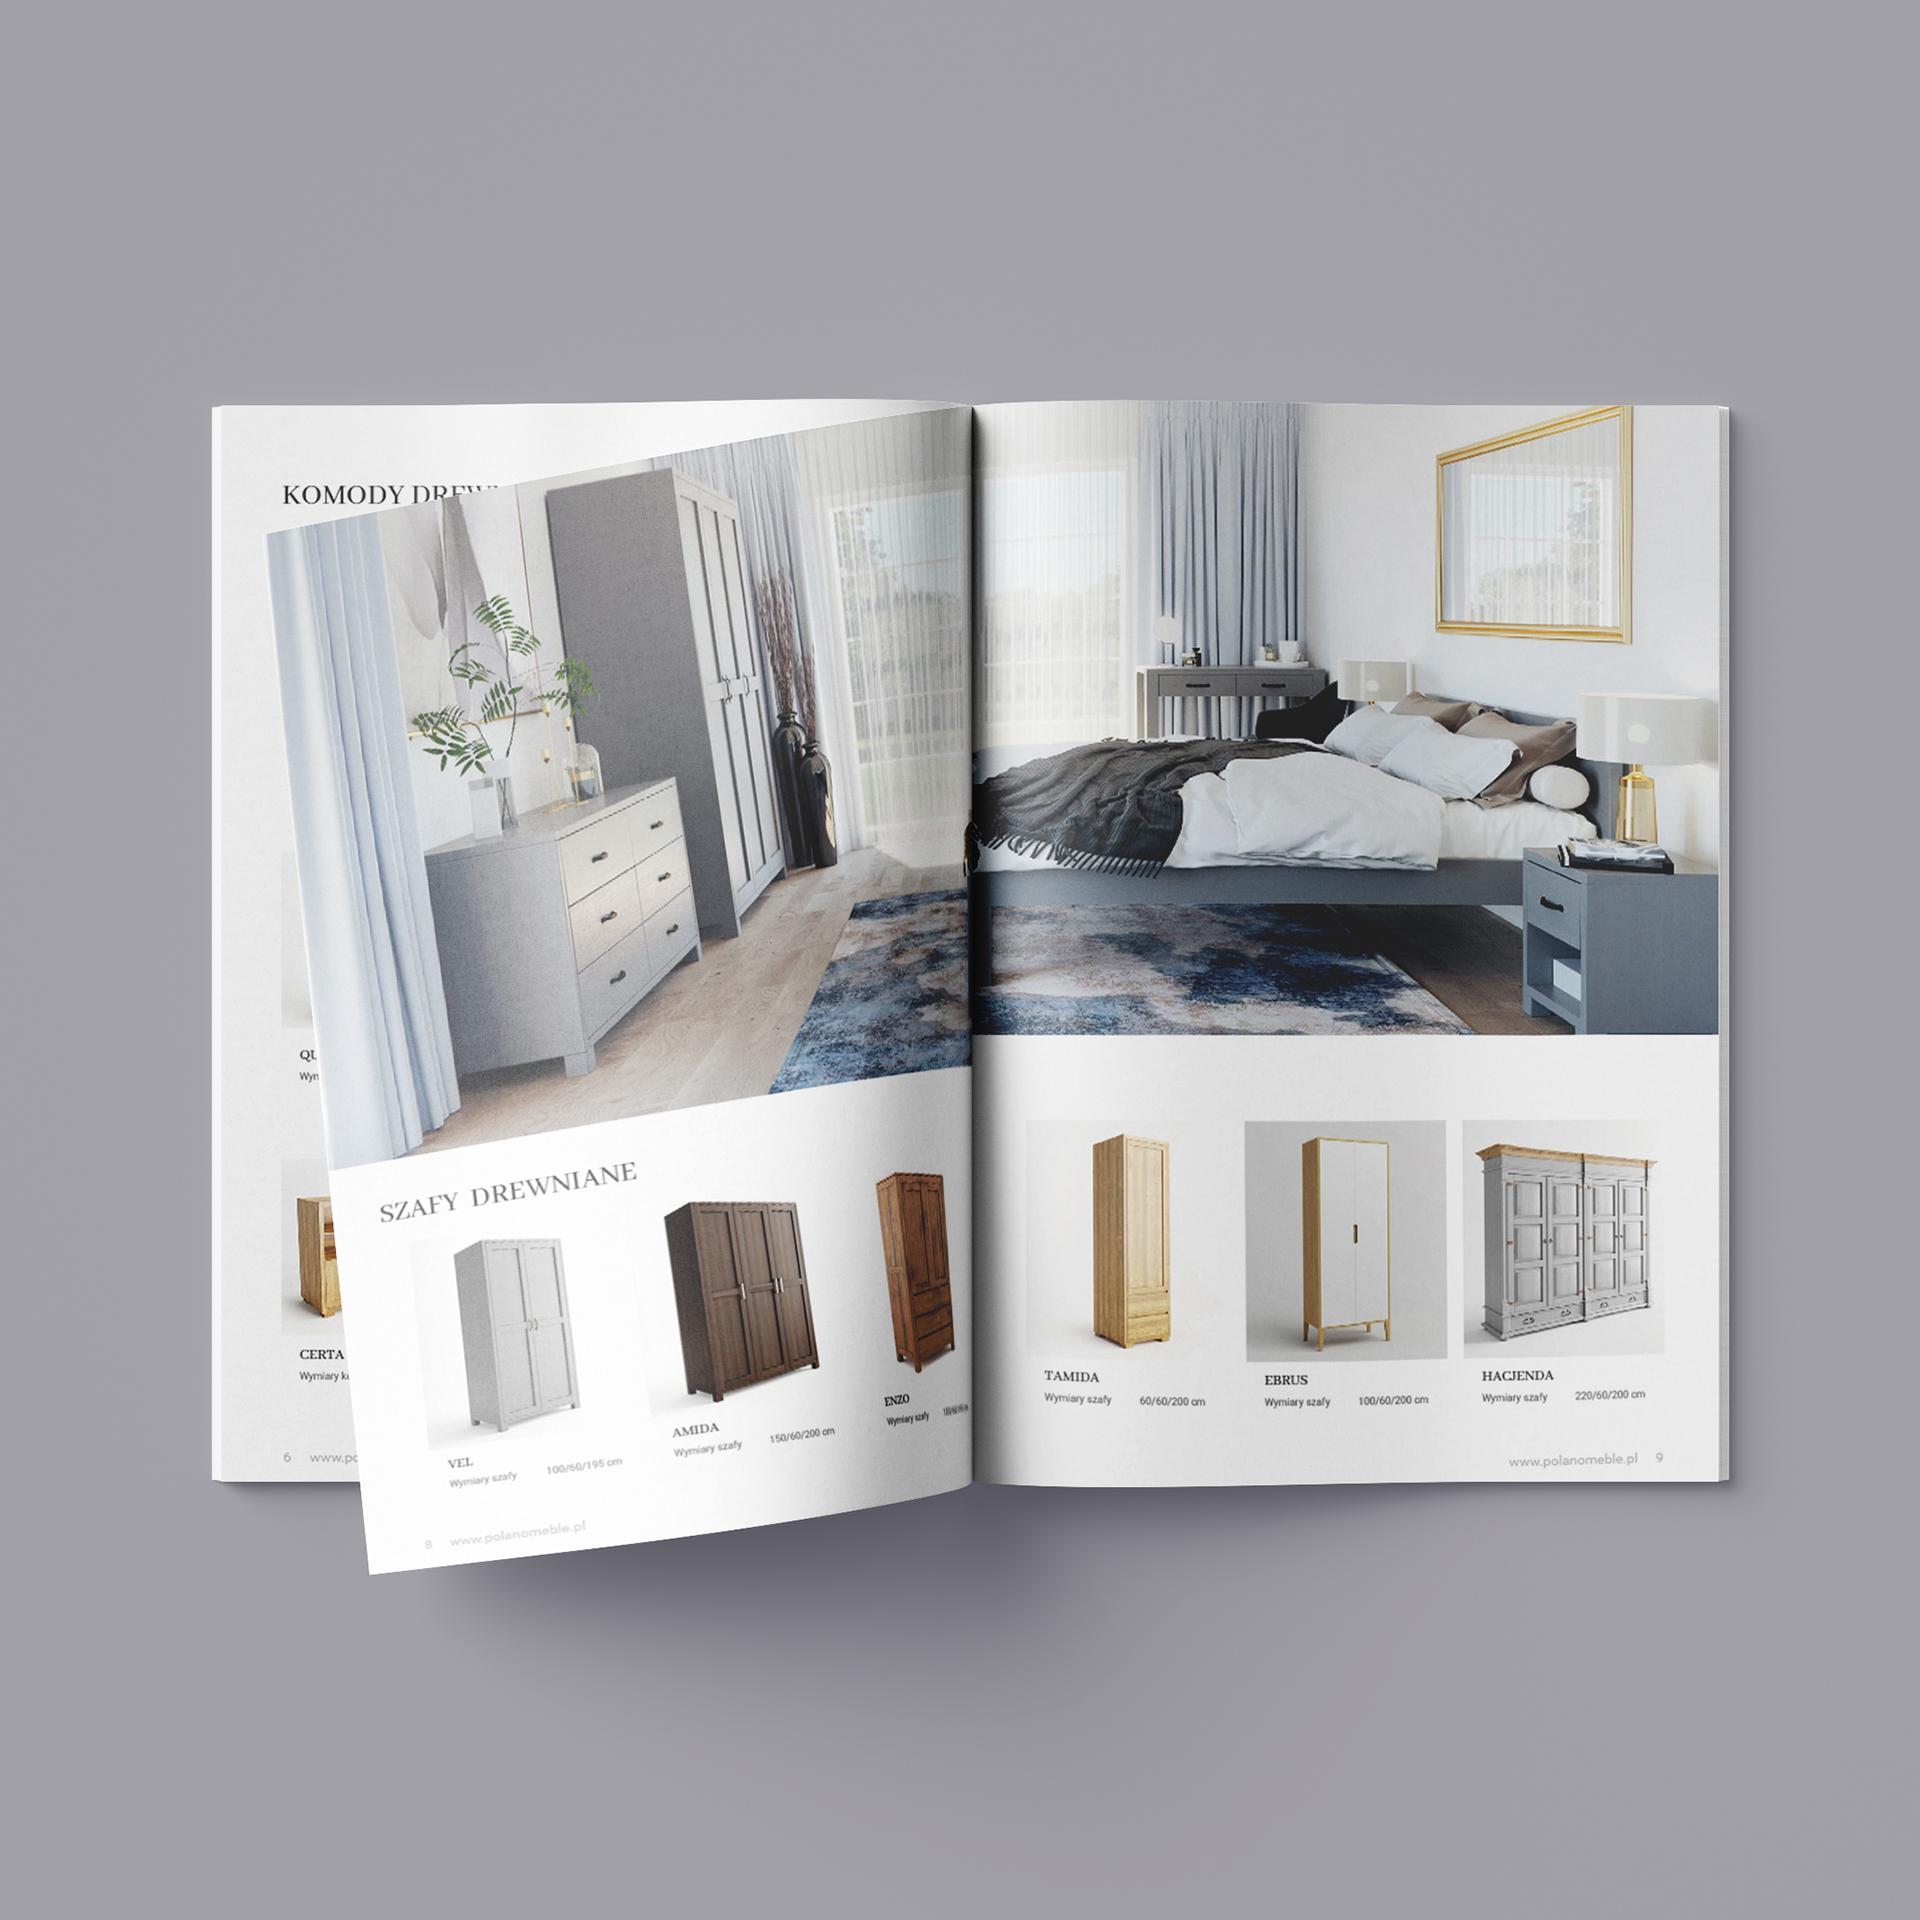 Otwraty katalog produktowy firmy Polano Meble